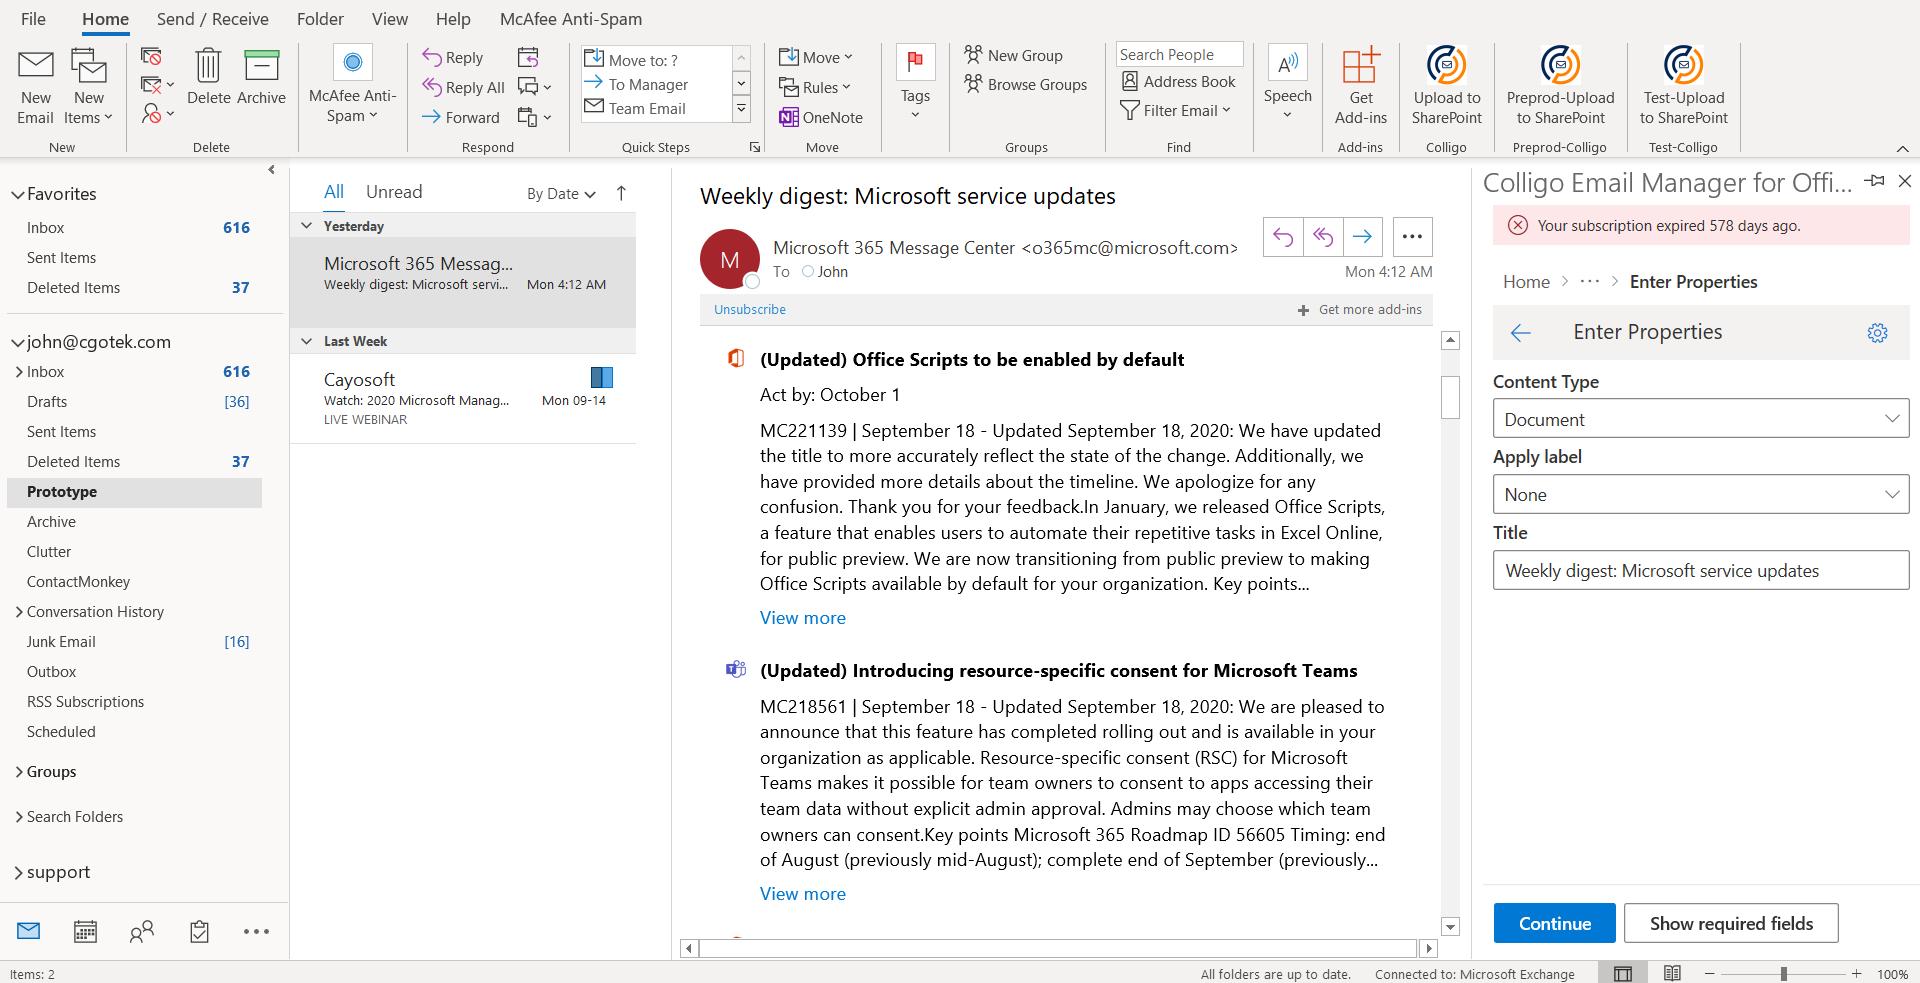 Email Manager for Microsoft 365 screenshot: Colligo Email Manager for Microsoft 365 prototype